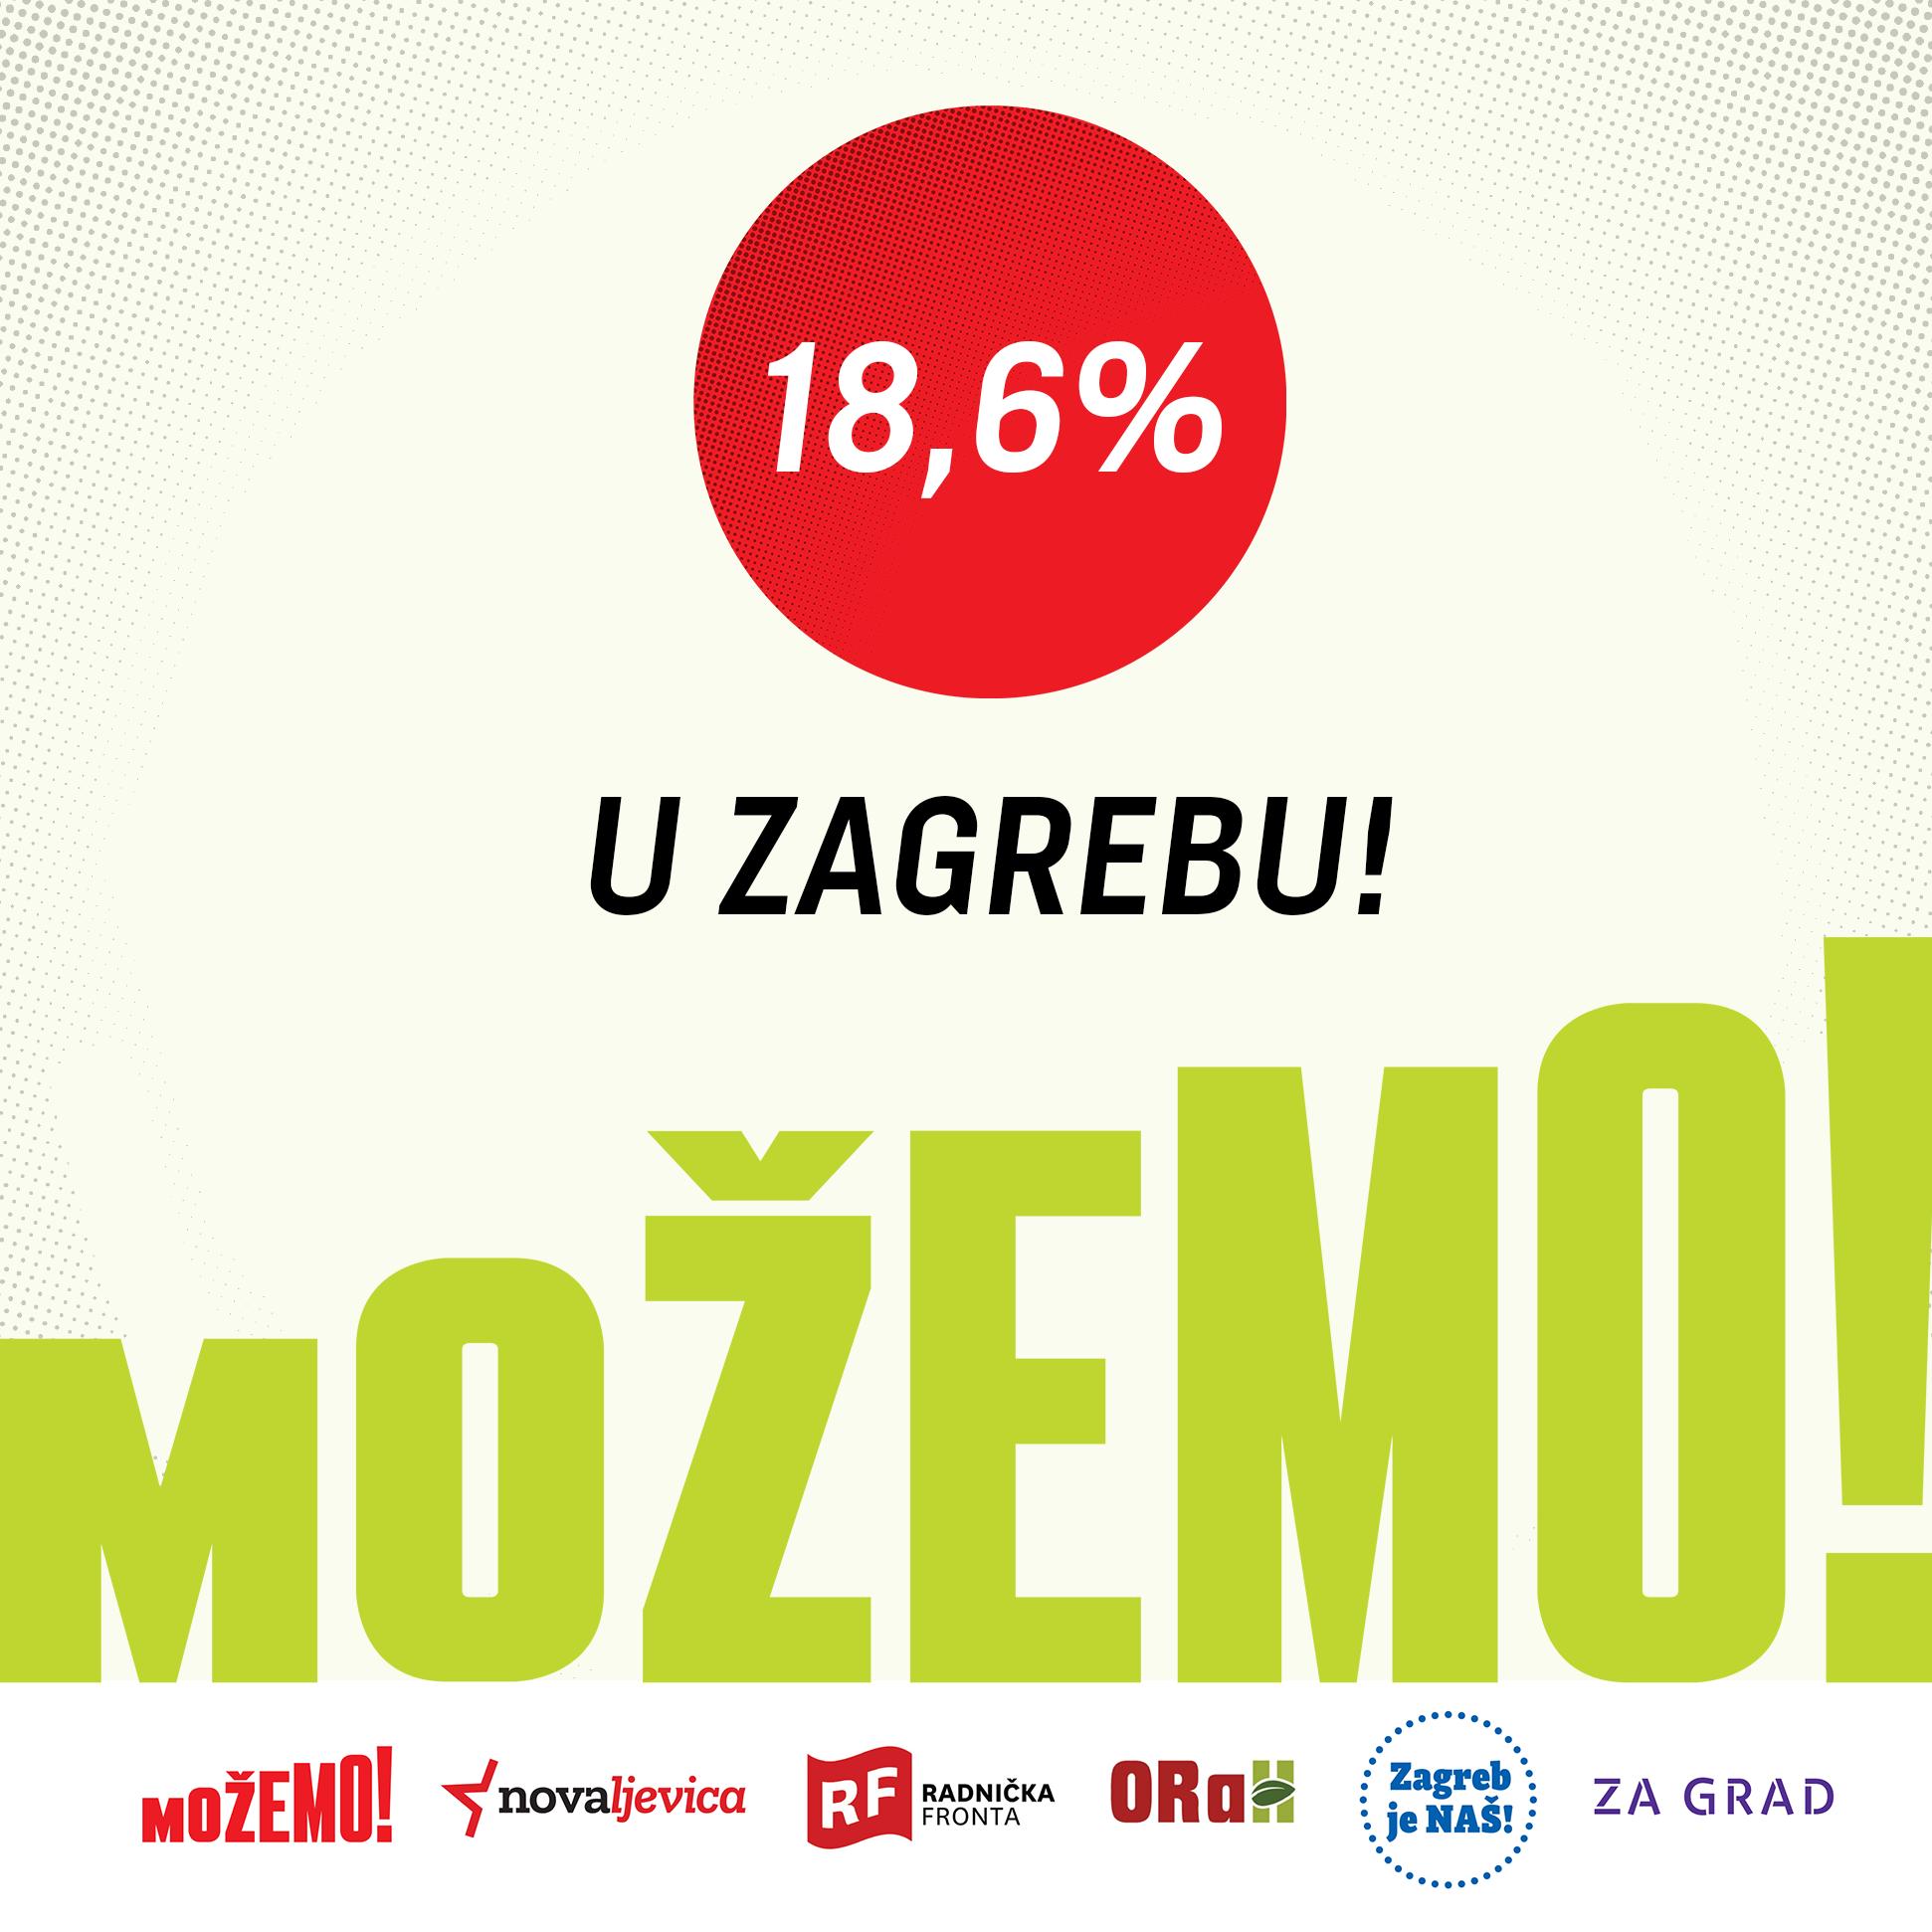 U Zagrebu smo na ovim izborima postali treća politička snaga